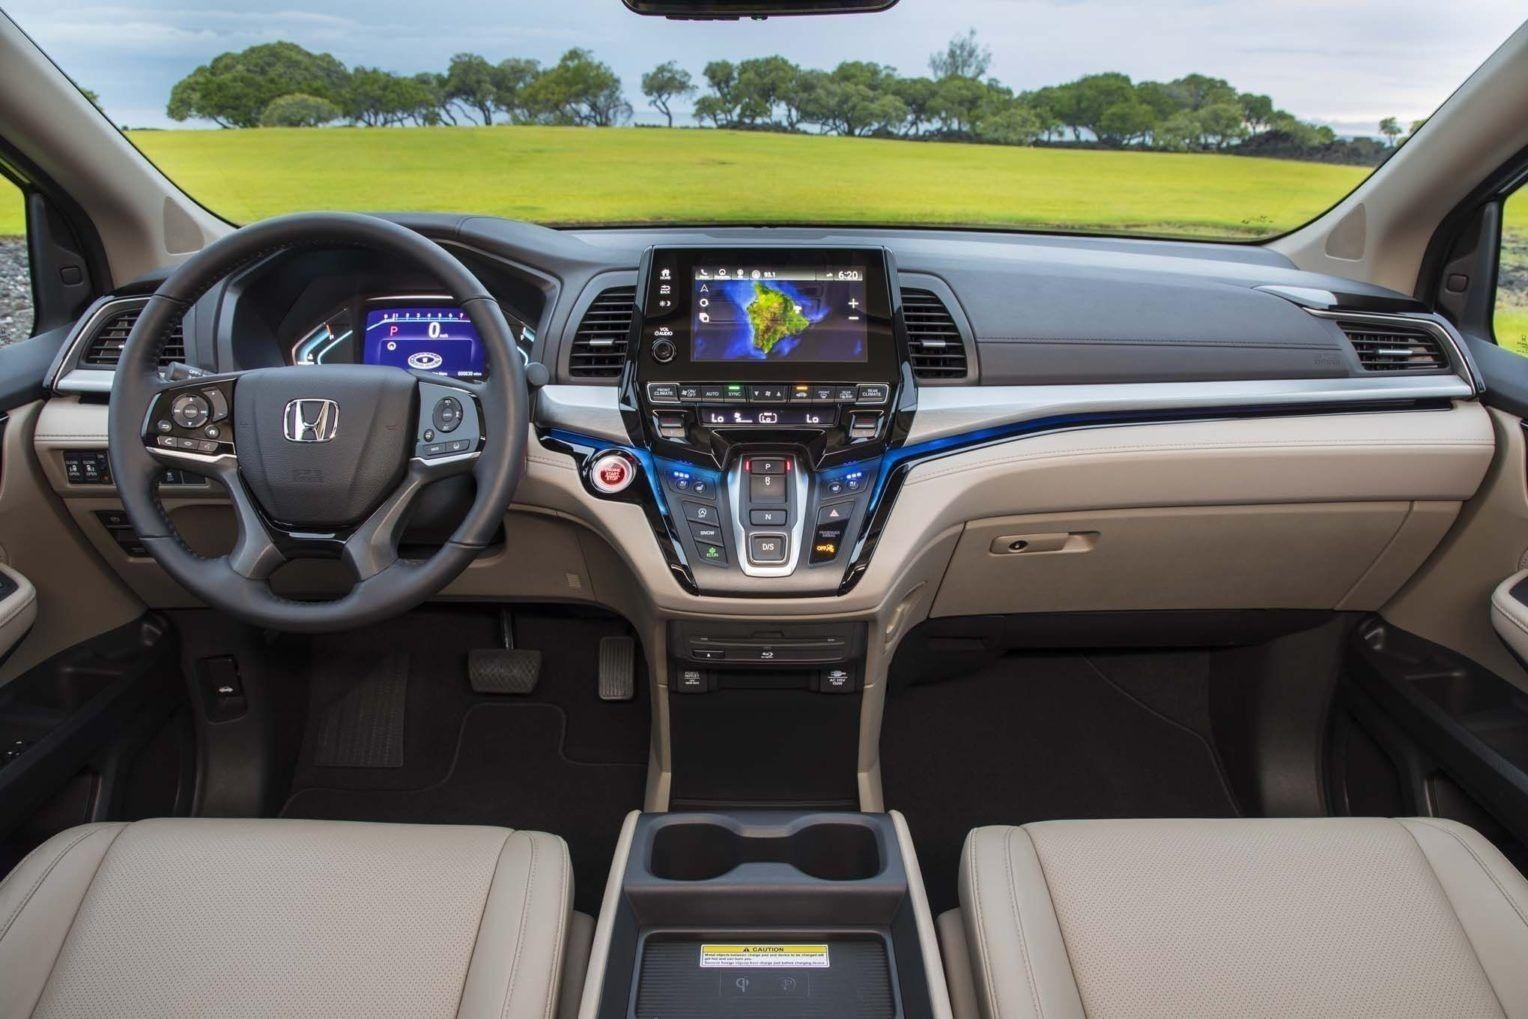 2018 Honda Crosstour Exterior And Interior Review Car Review